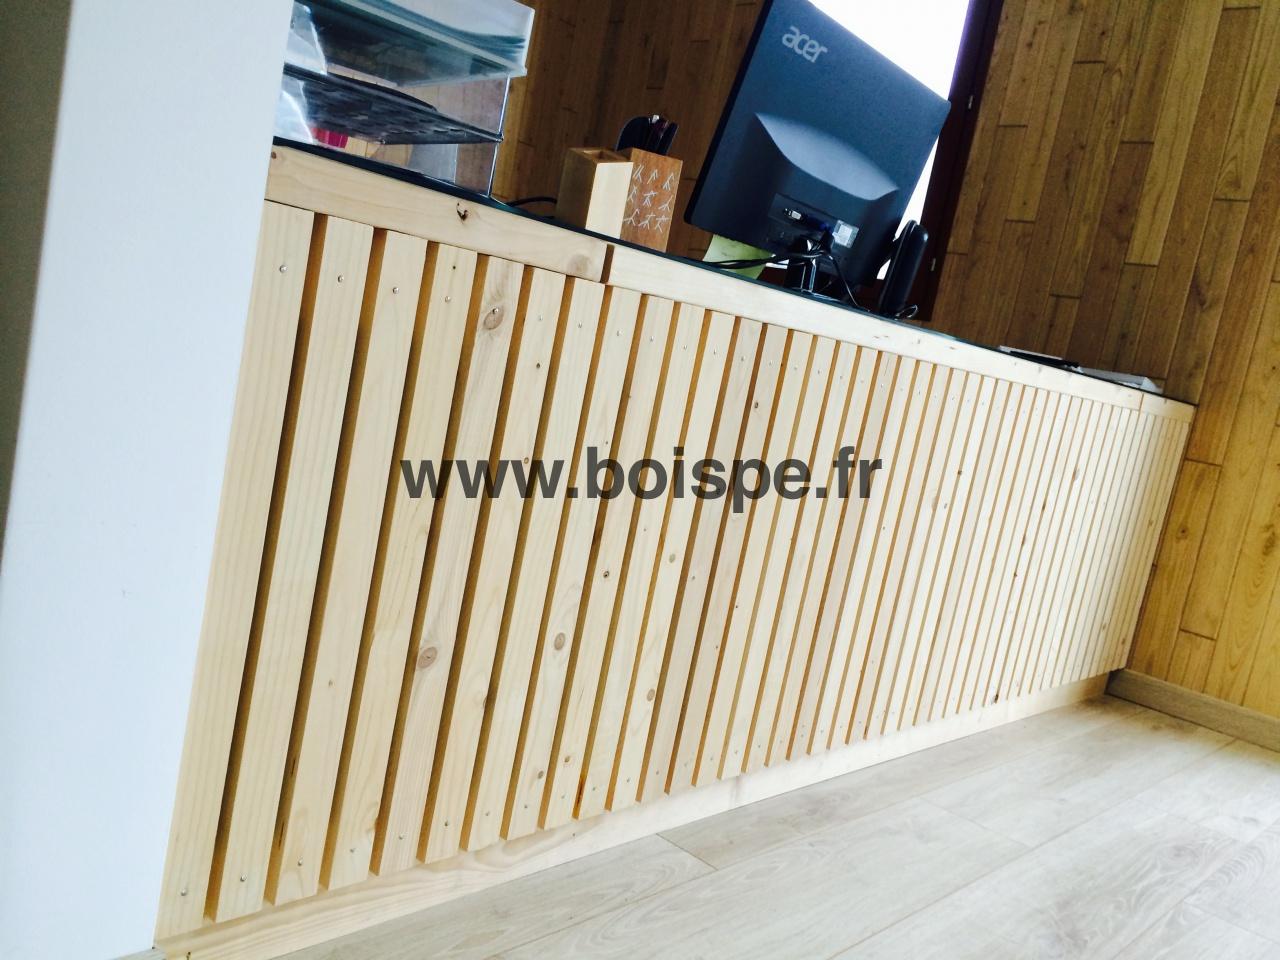 Bureau-BOIS-PE2